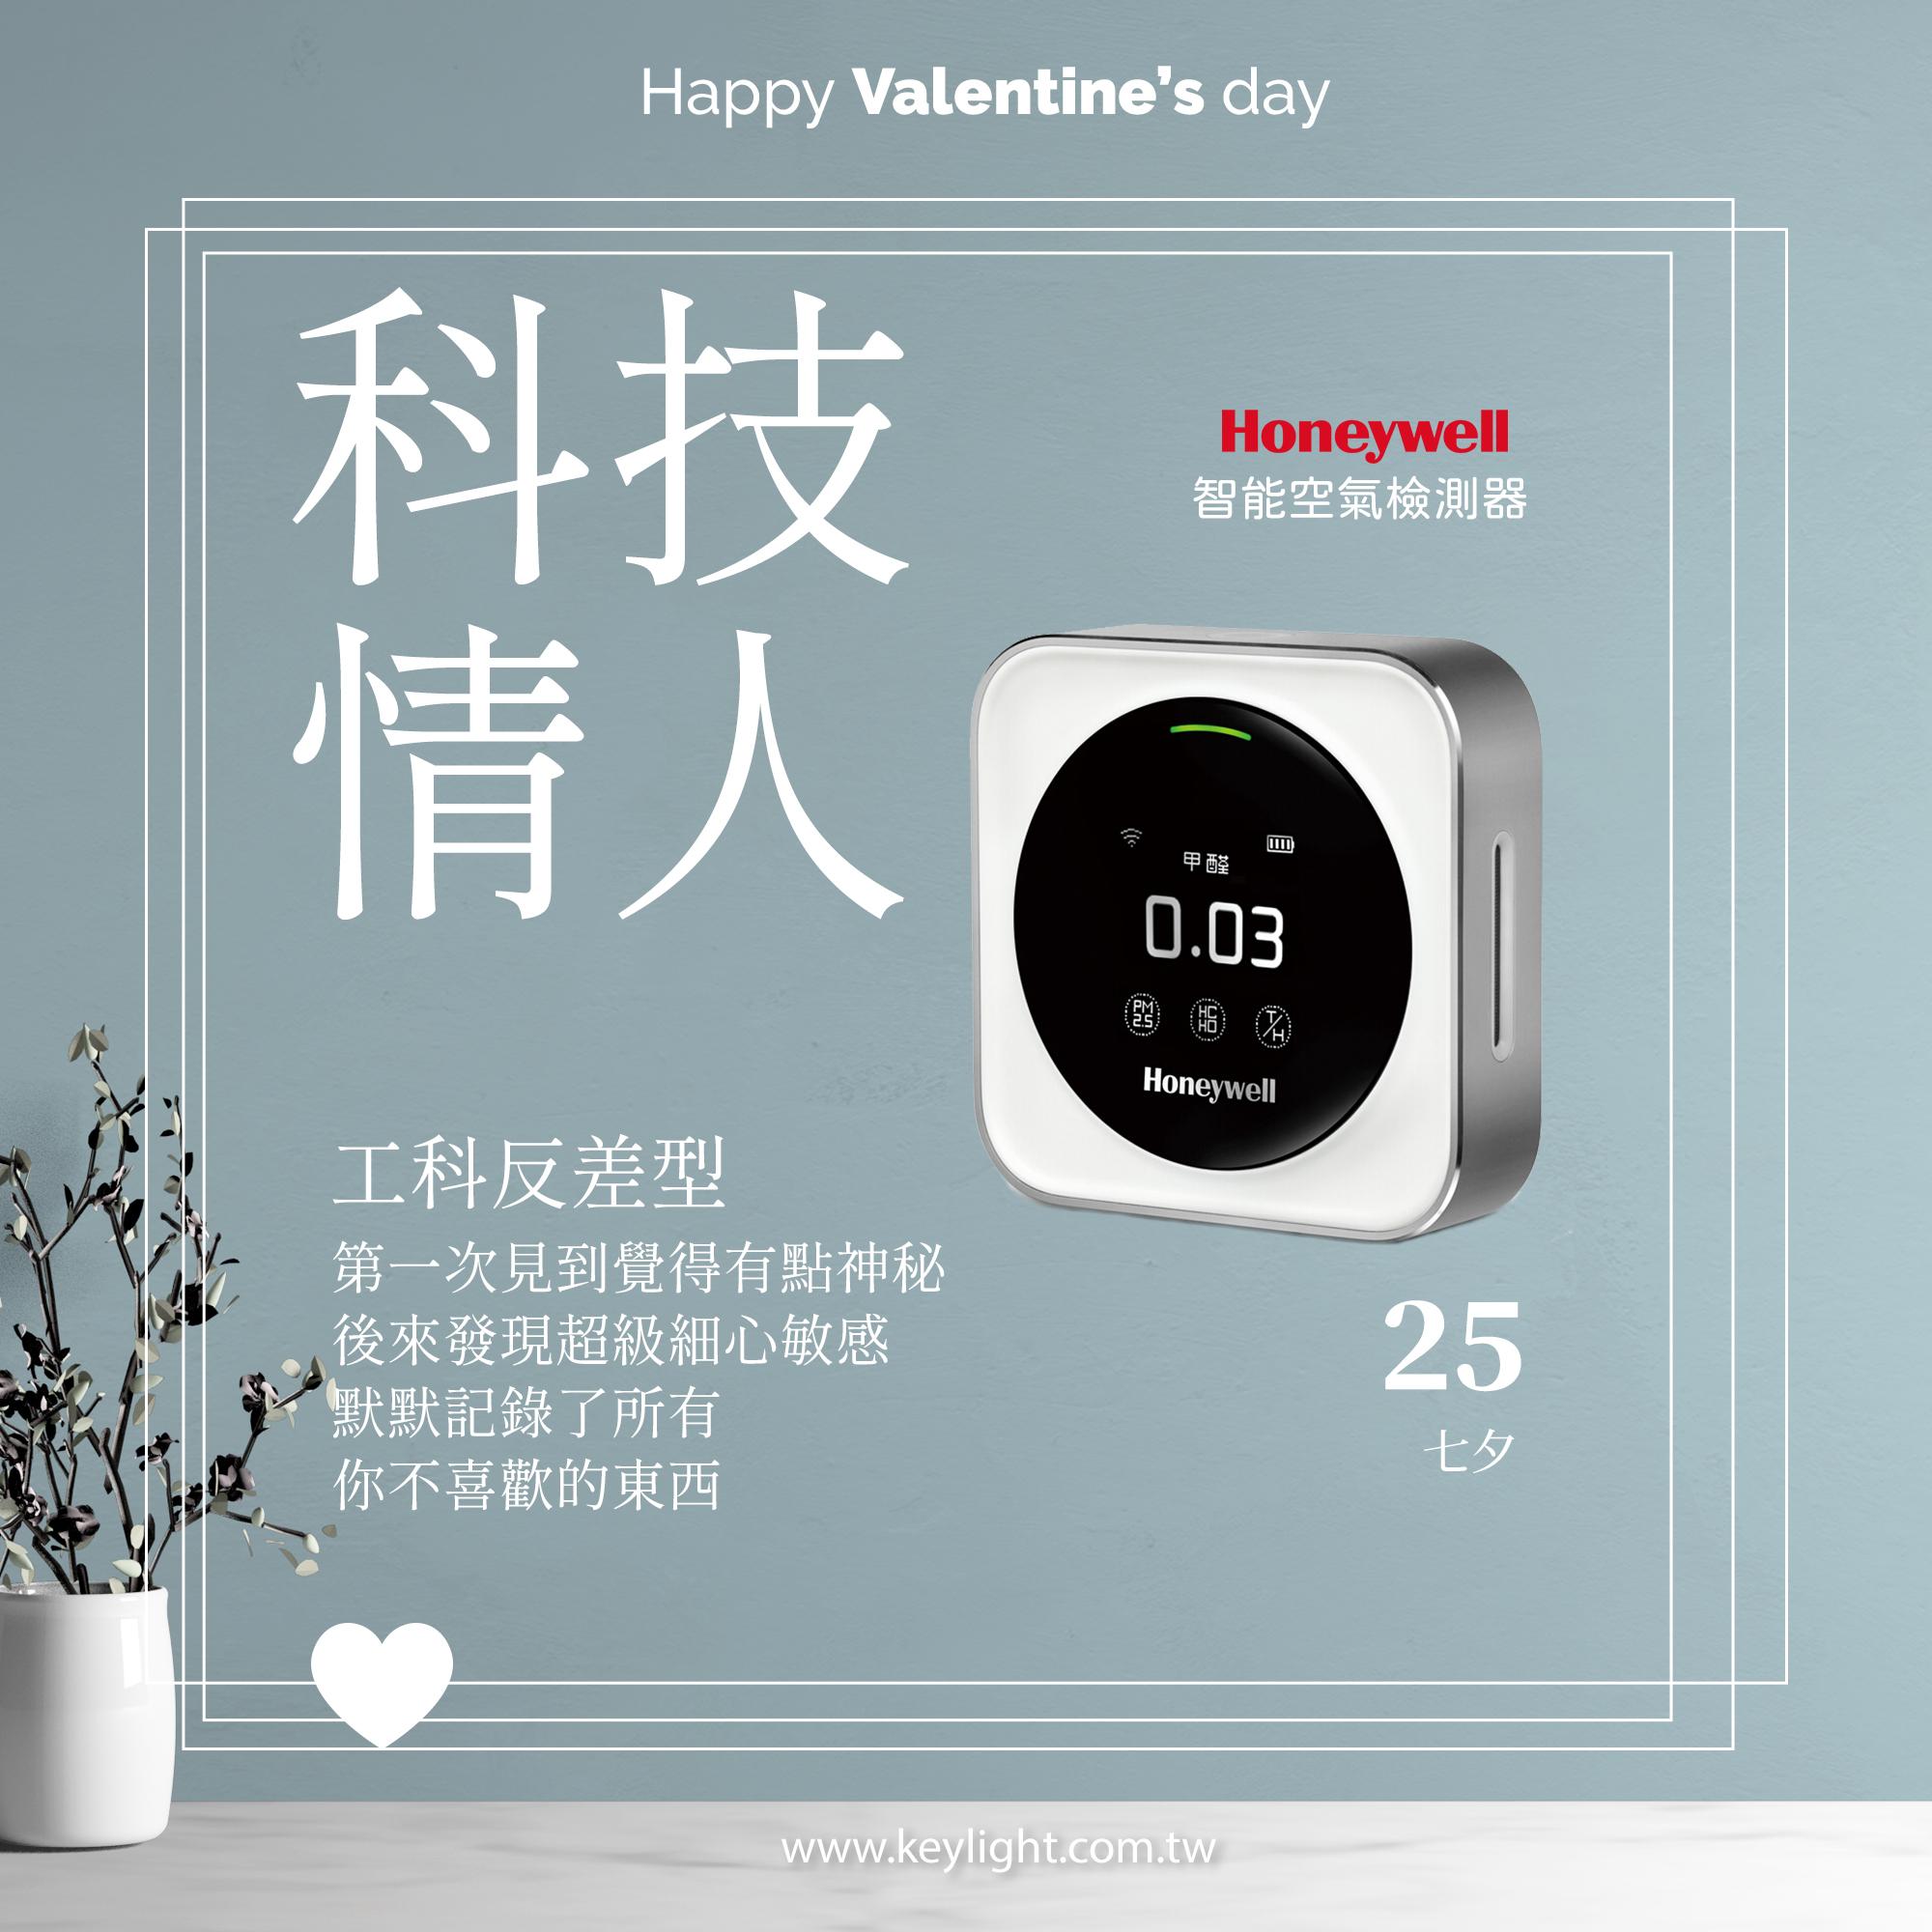 奇萊科技情人節-Honeywell空氣品質偵測器.jpg